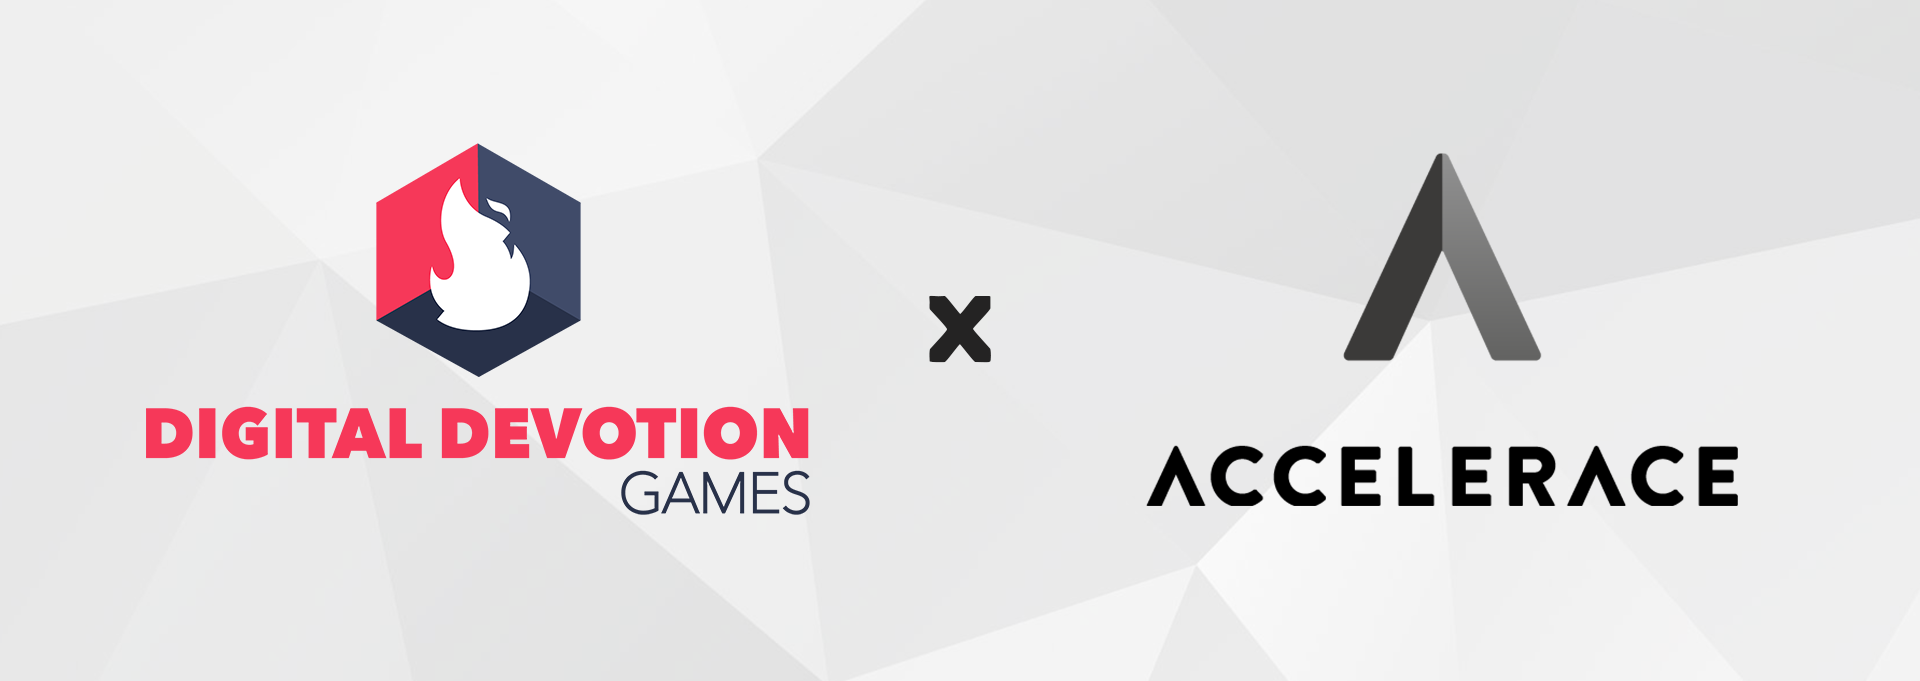 partnership with accelerace, Digital Devotion Games announces partnership with Accelerace, Digital Devotion Games